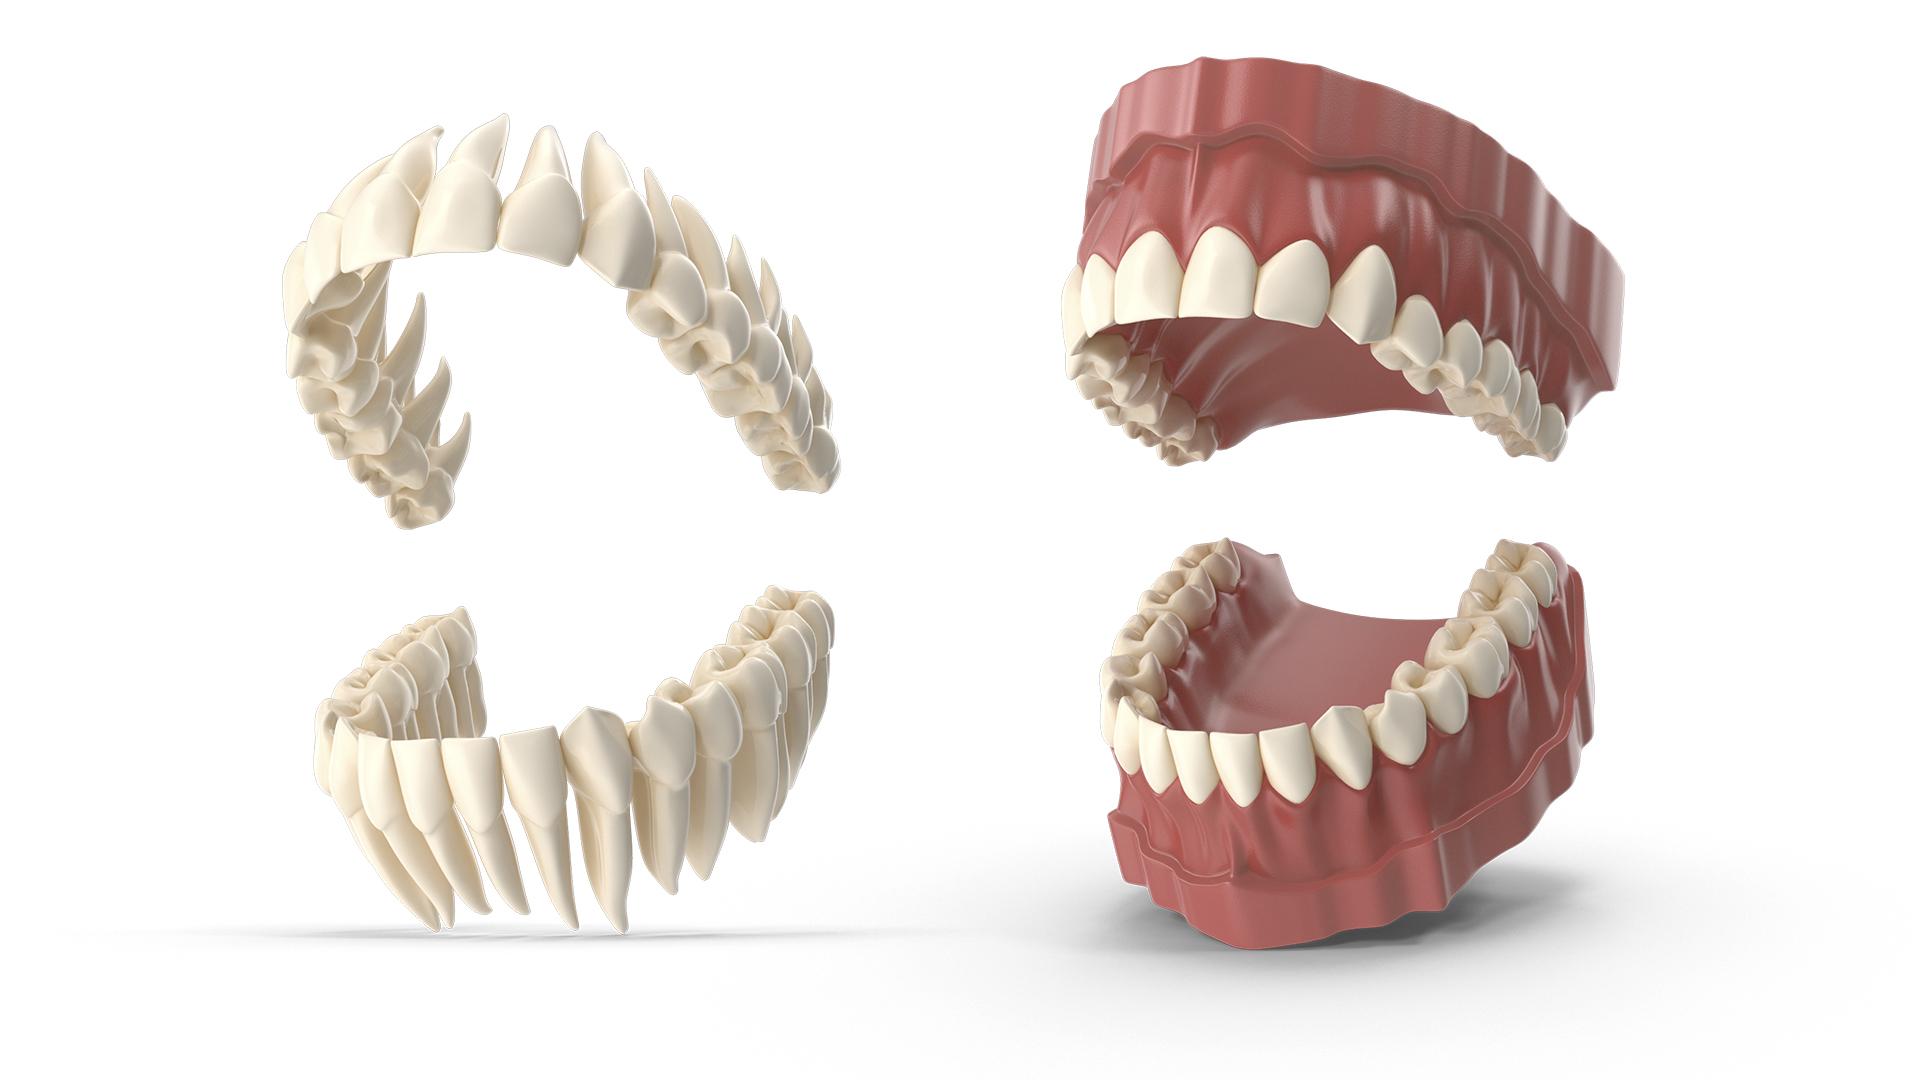 simulacion 3d boca dientes diente muela pala colmillo incisivo grupoaudiovisual